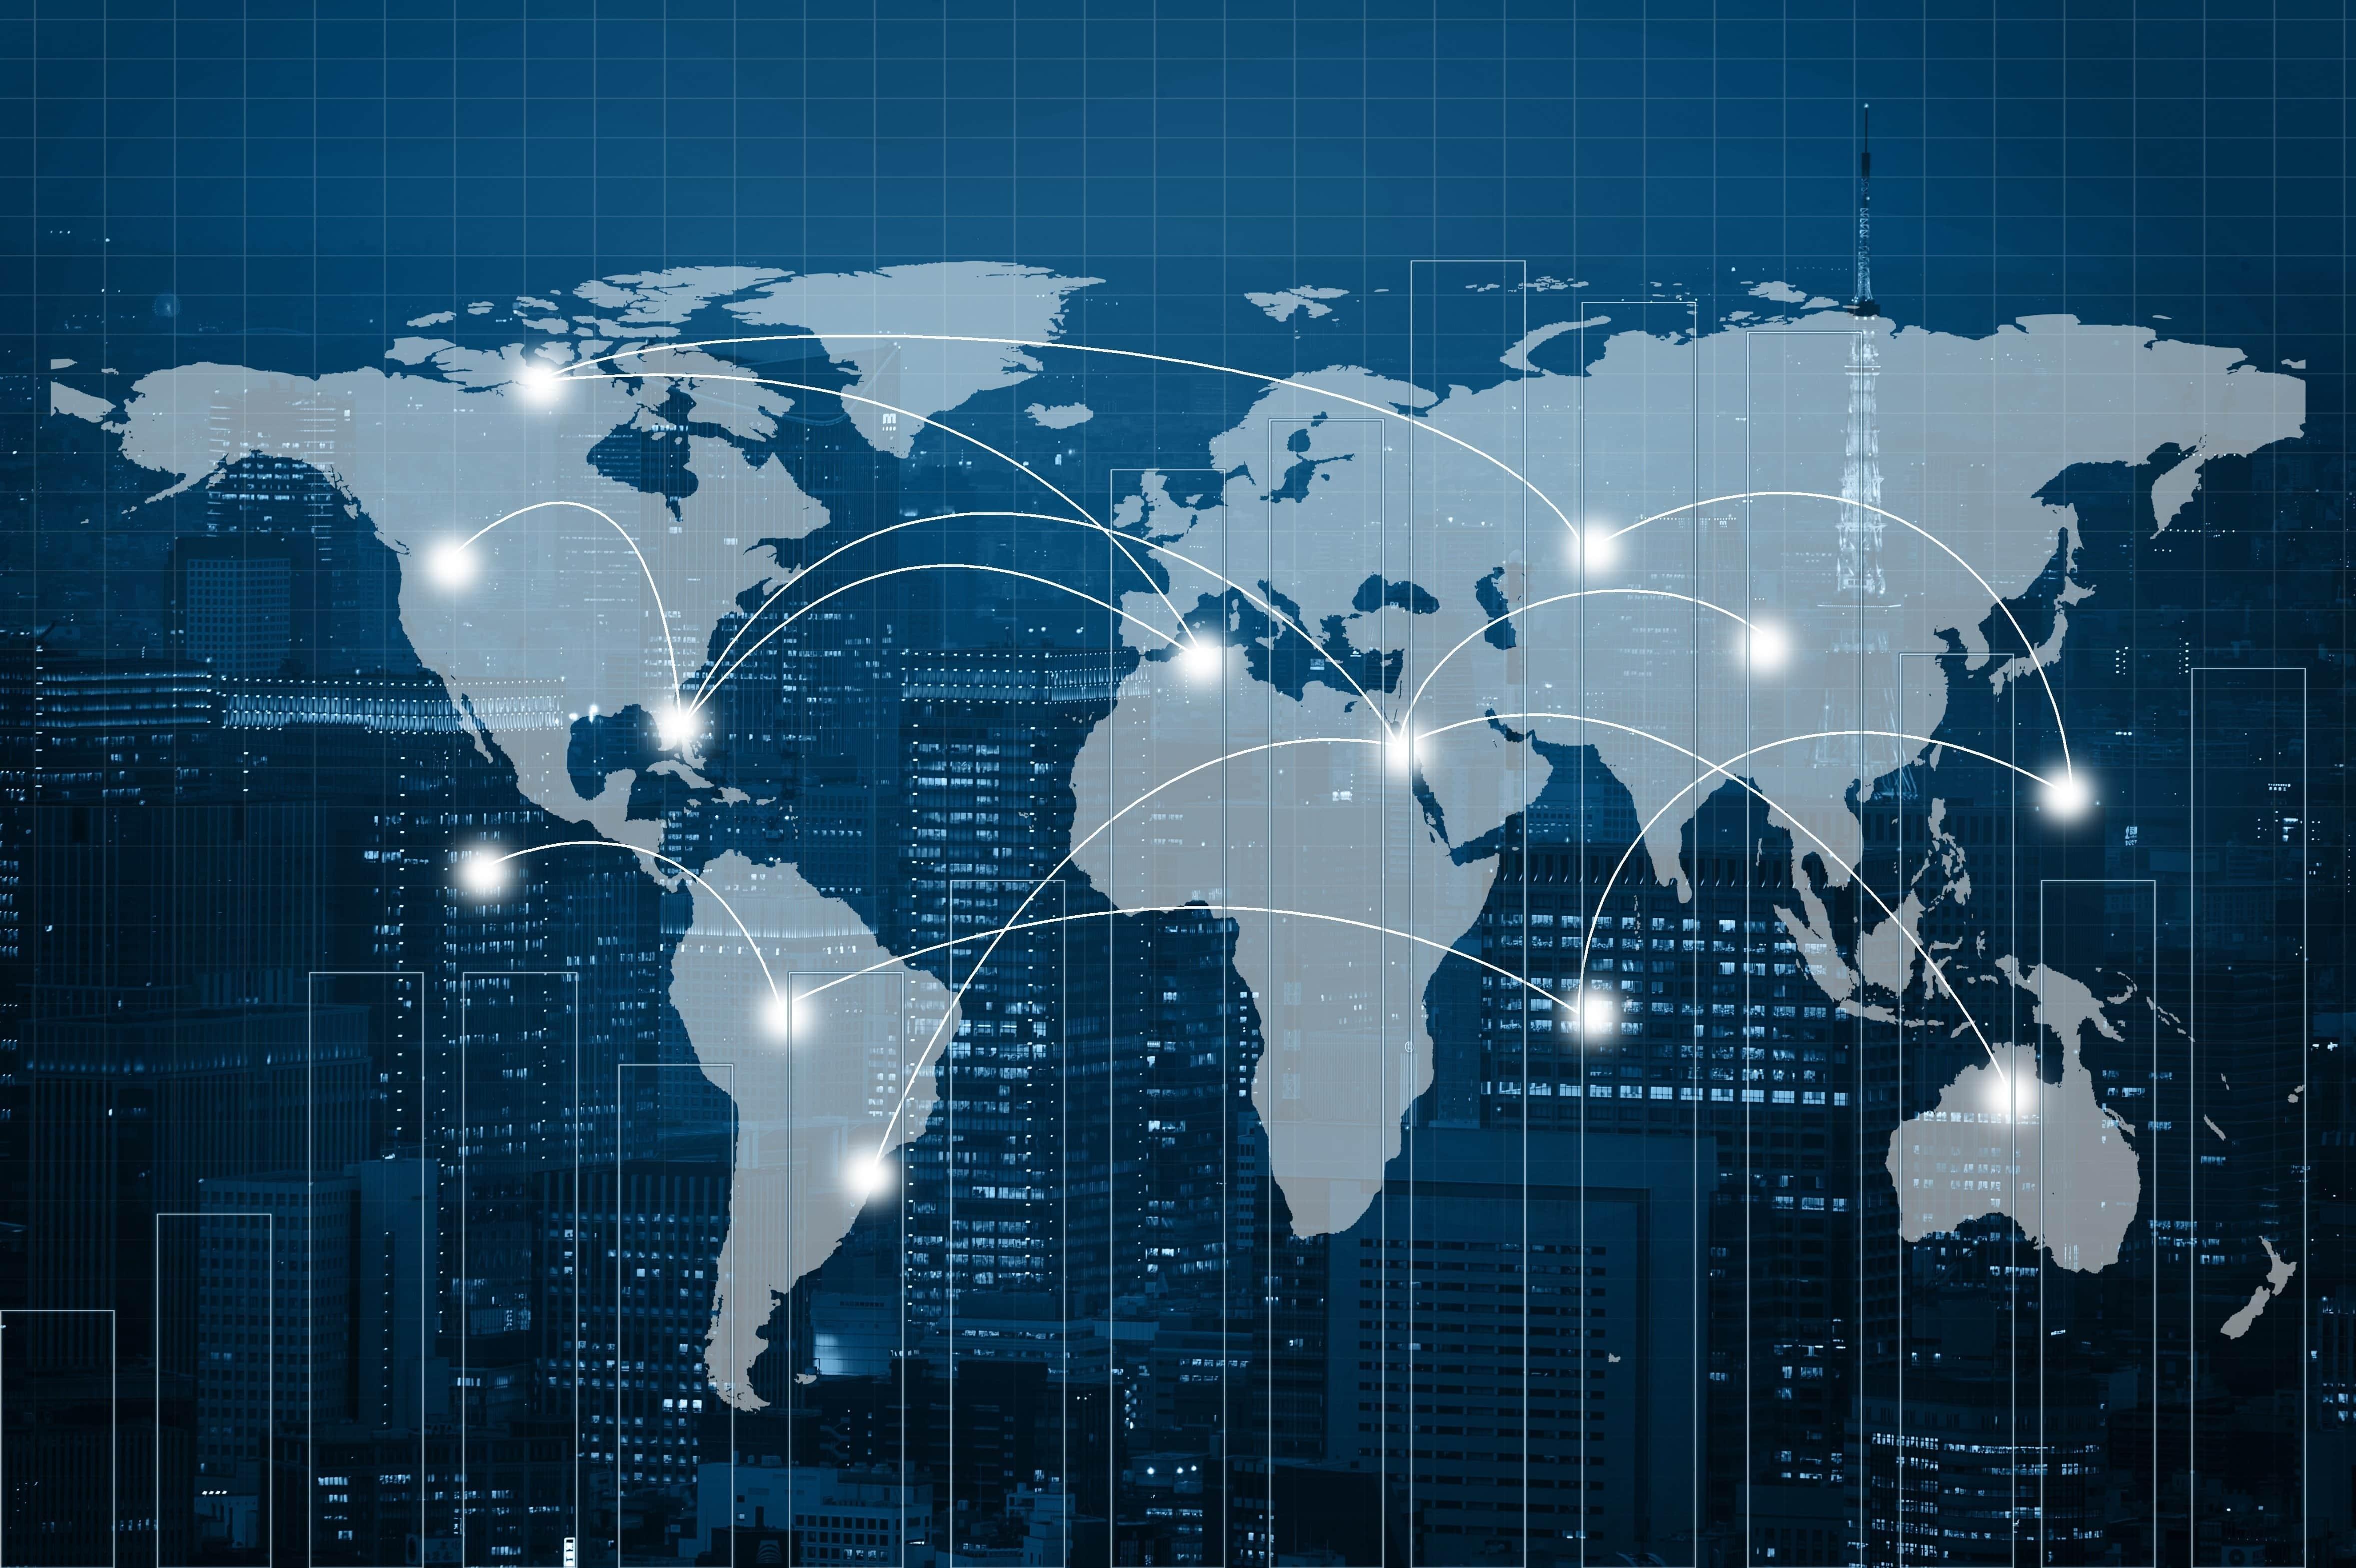 fundos de investimento no exterior - fie - fiex - como investir no exterior